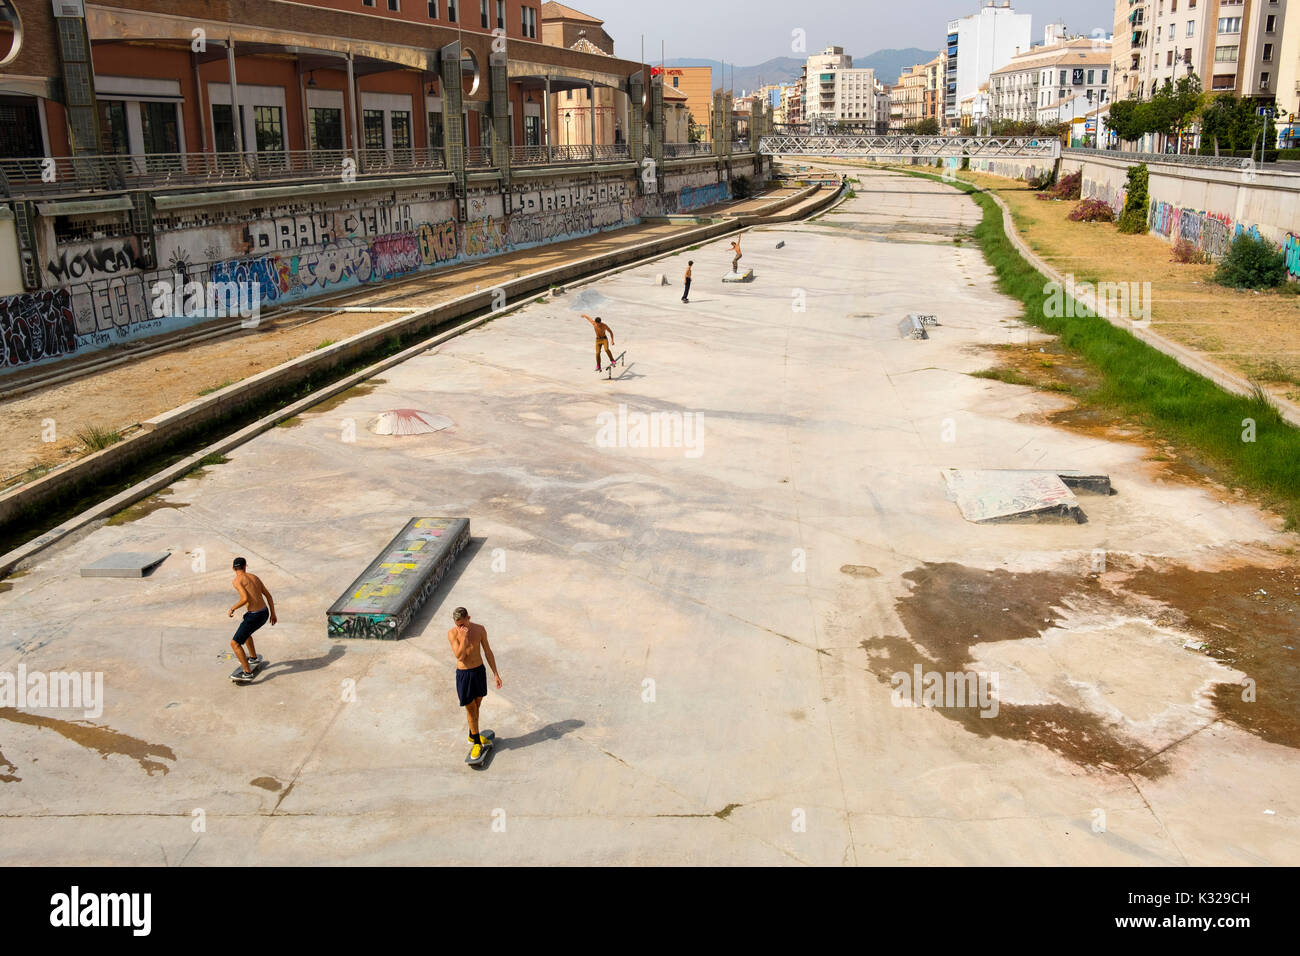 Skateboarders al canal del río Guadalmedina, Málaga, Costa del Sol, Andalucía al sur de España, Europa Imagen De Stock